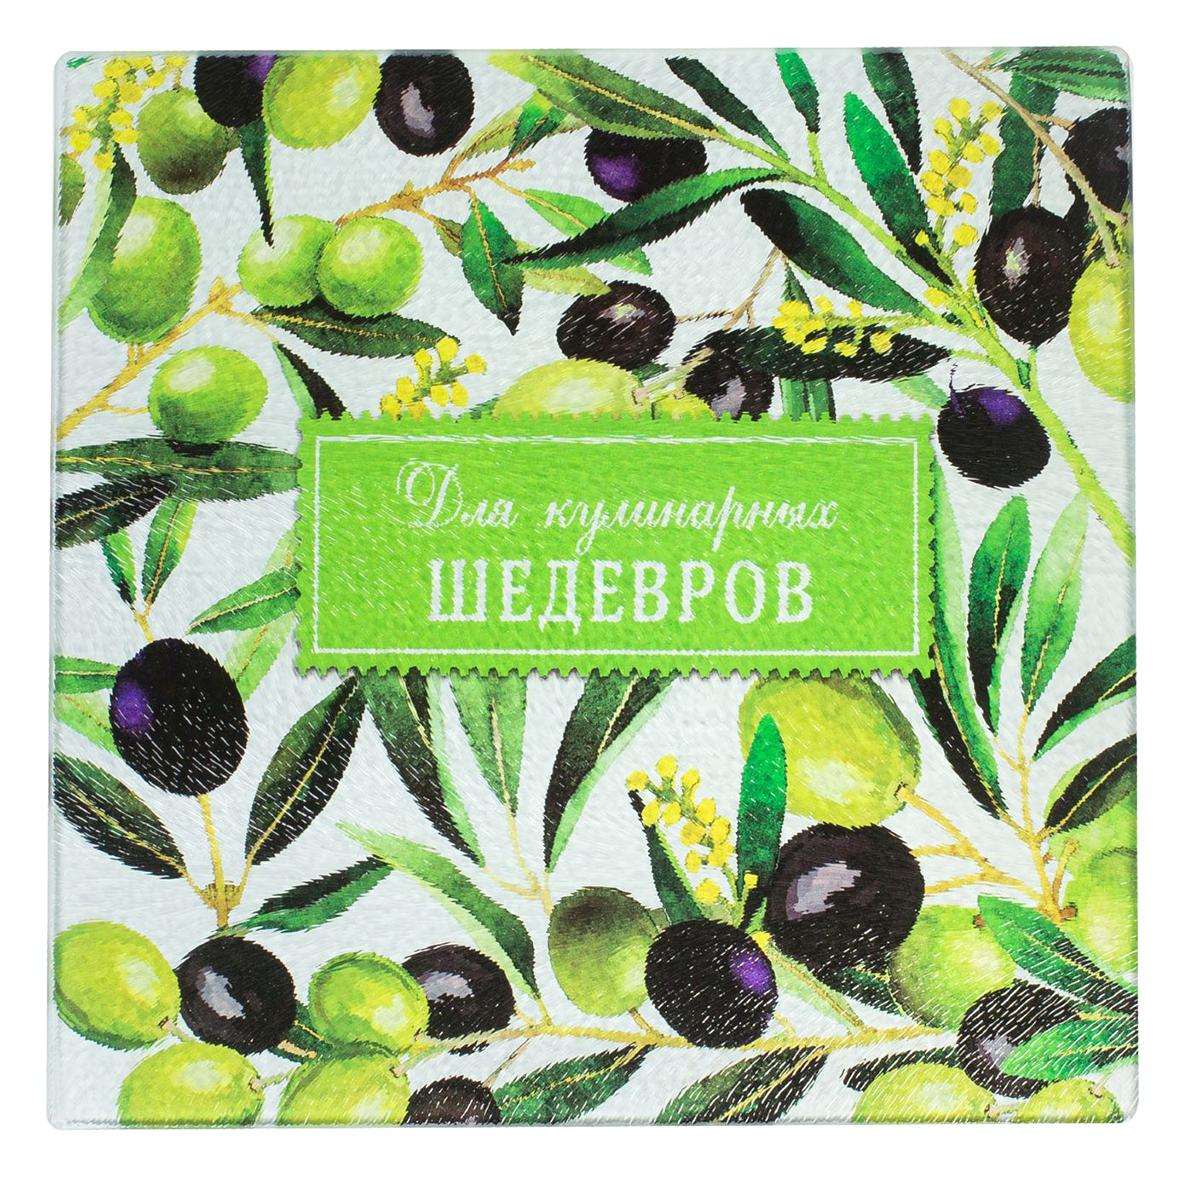 Доска разделочная Для кулинарных шедевров, цвет: зеленый, 20 х 20 х 0,5 см2457580Многофункциональный кухонный аксессуар из закалённого стекла — это и прочная разделочная доска, и подставка под горячие блюда, и яркая деталь интерьера.Стеклянное изделие не впитывает влагу и запах. Оно дополнено противоскользящими резиновыми ножками.Подберите доску, которая подчеркнёт стиль вашего дома.